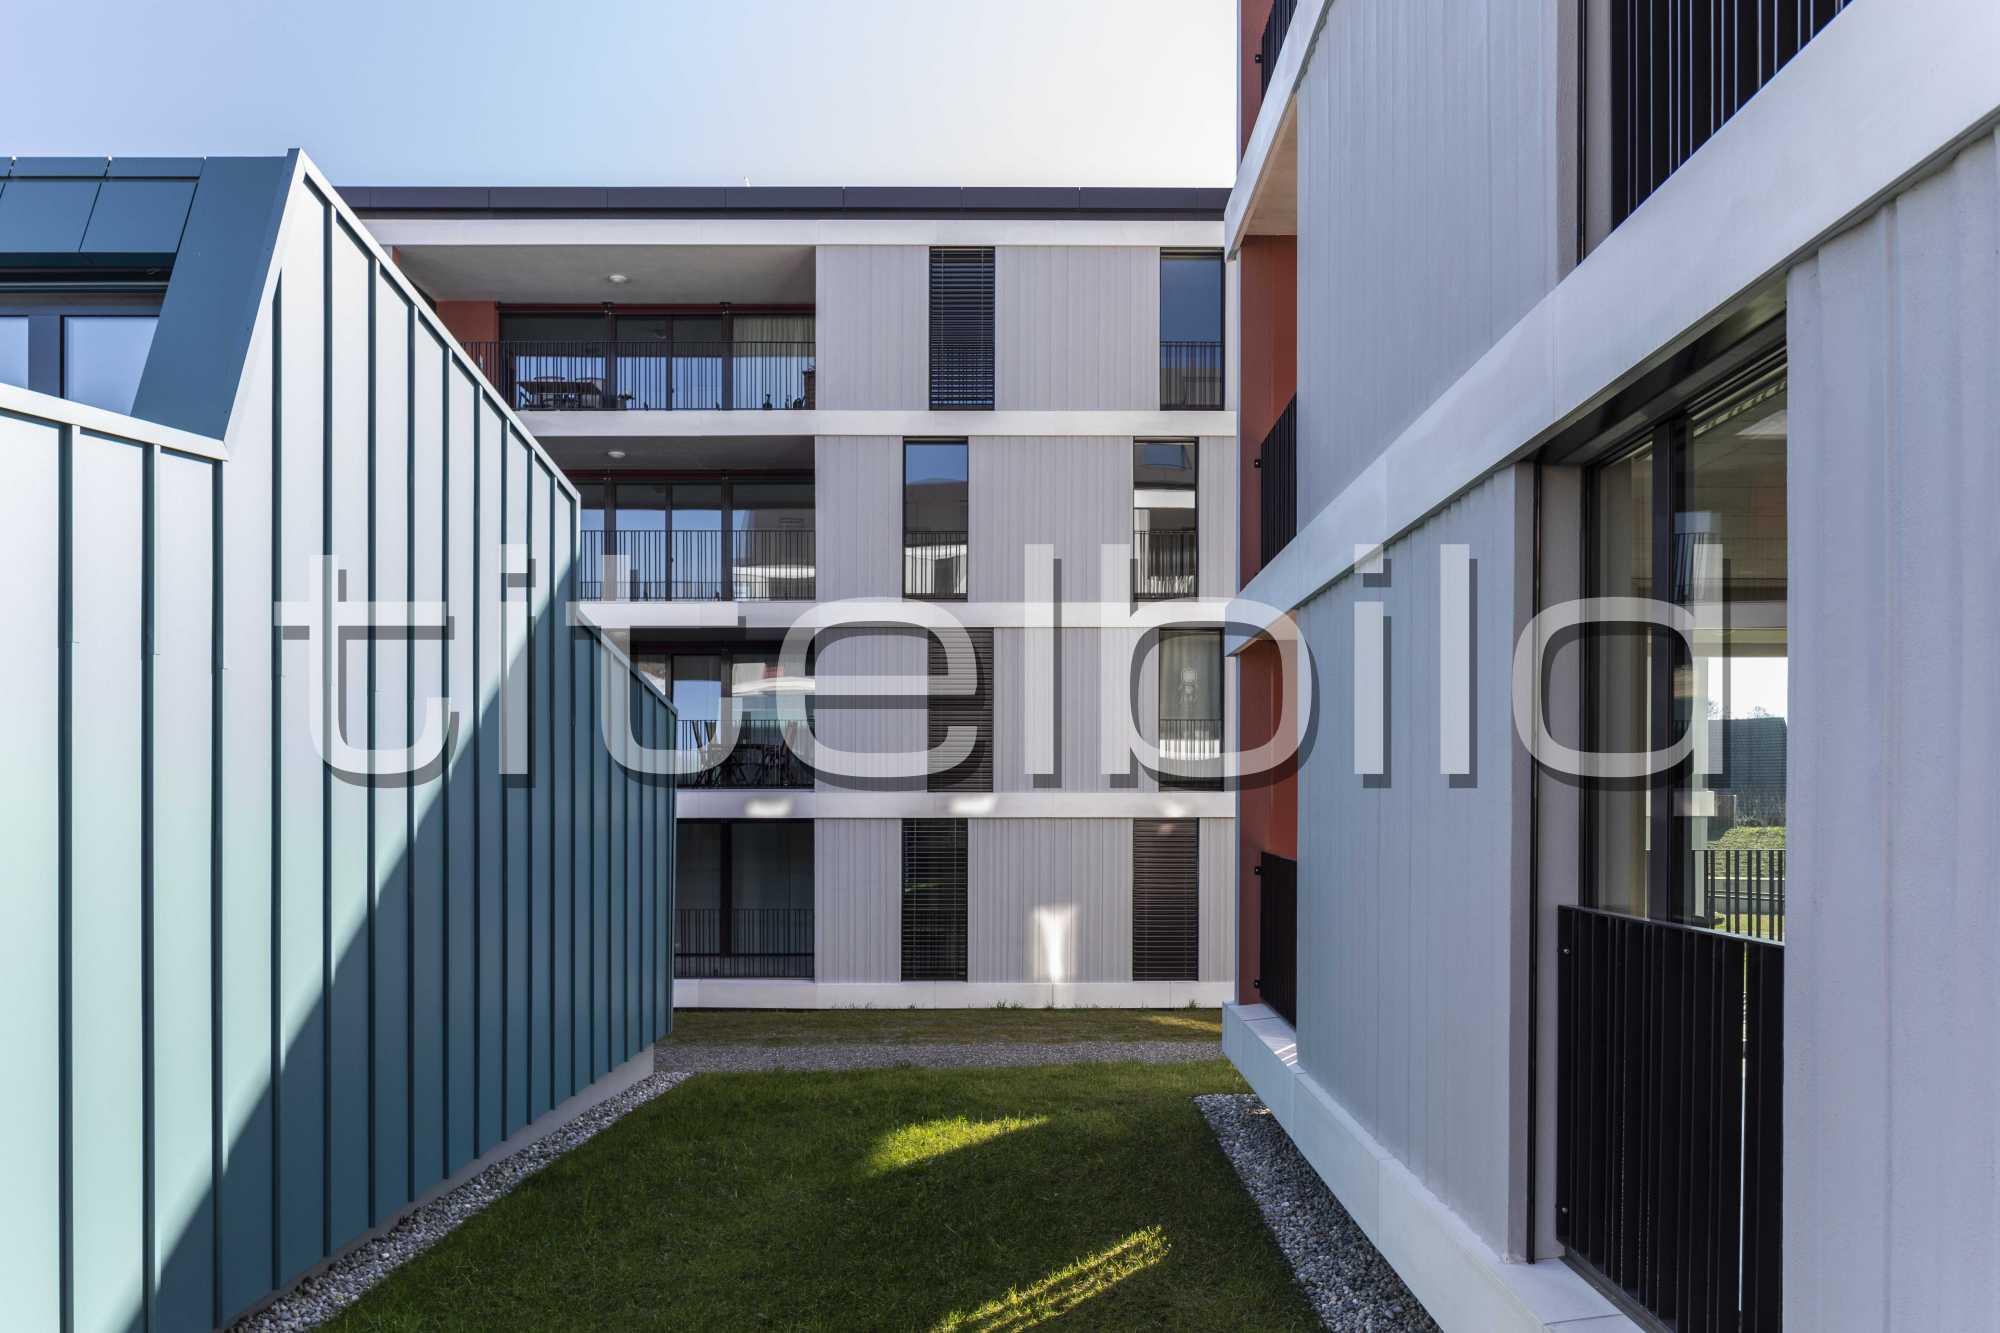 Projektbild-Nr. 3: Esslinger Dreieck